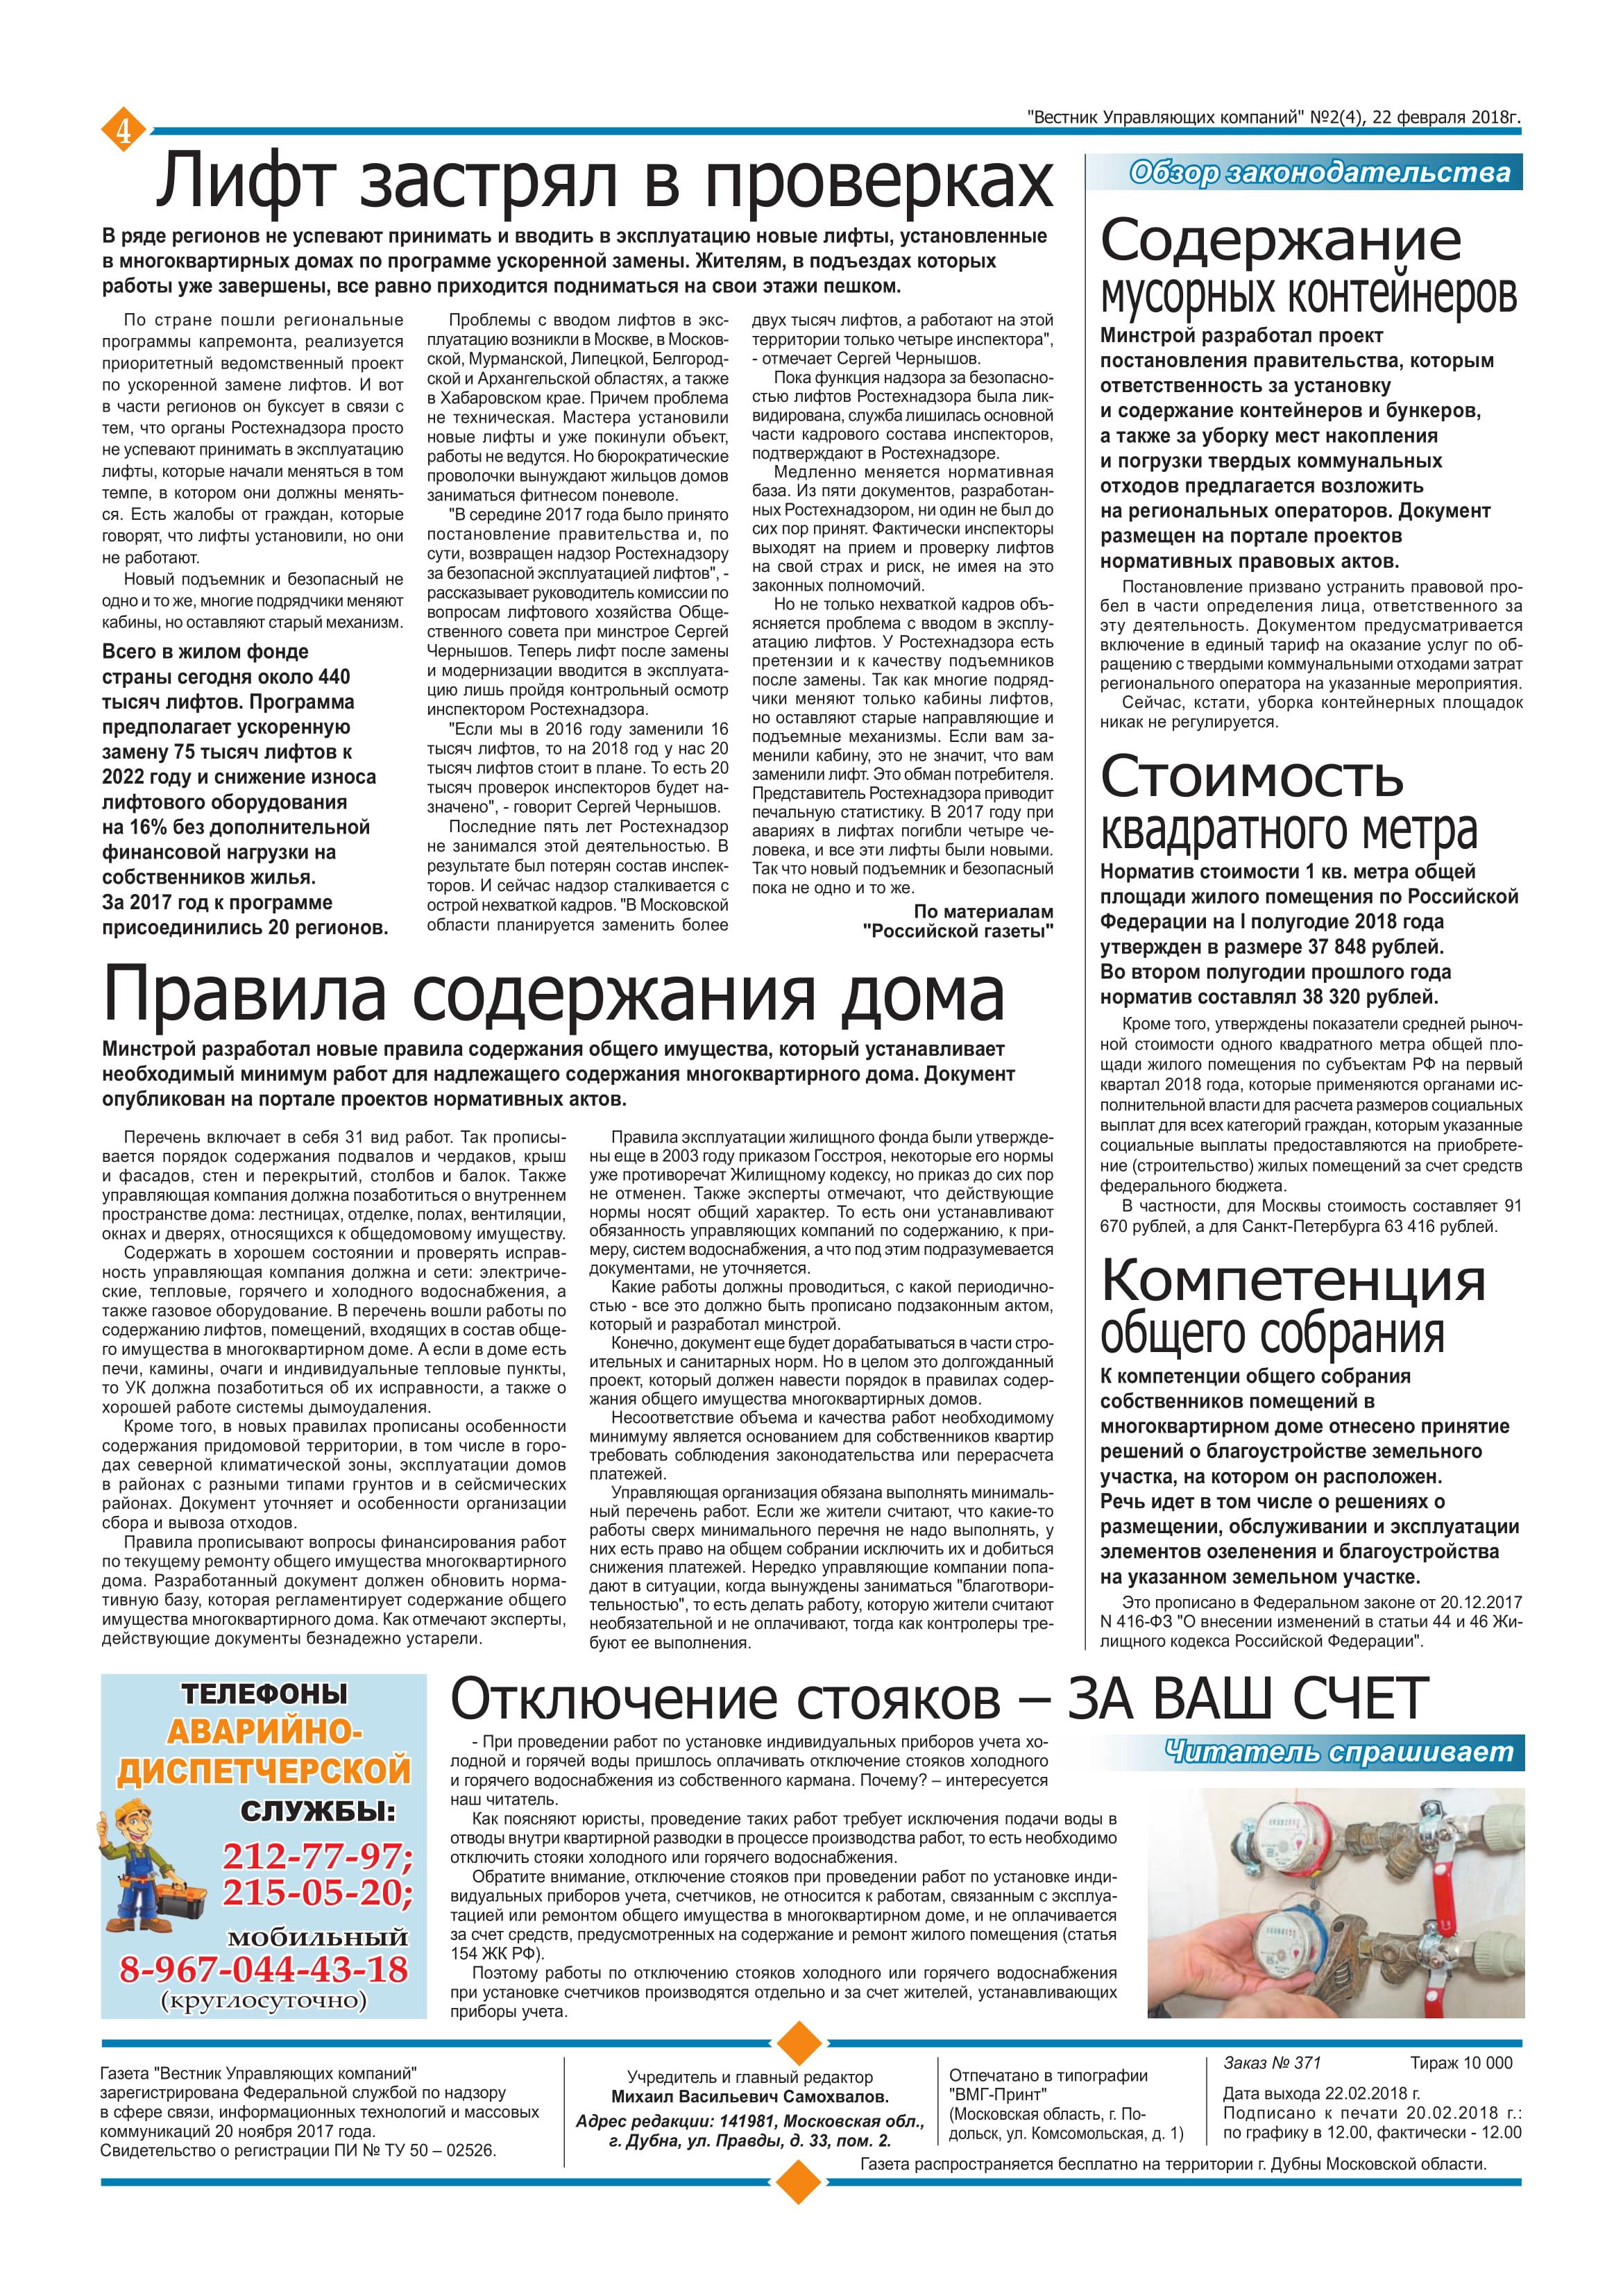 ВУК_выпуск_4_от_22.02.2018-4